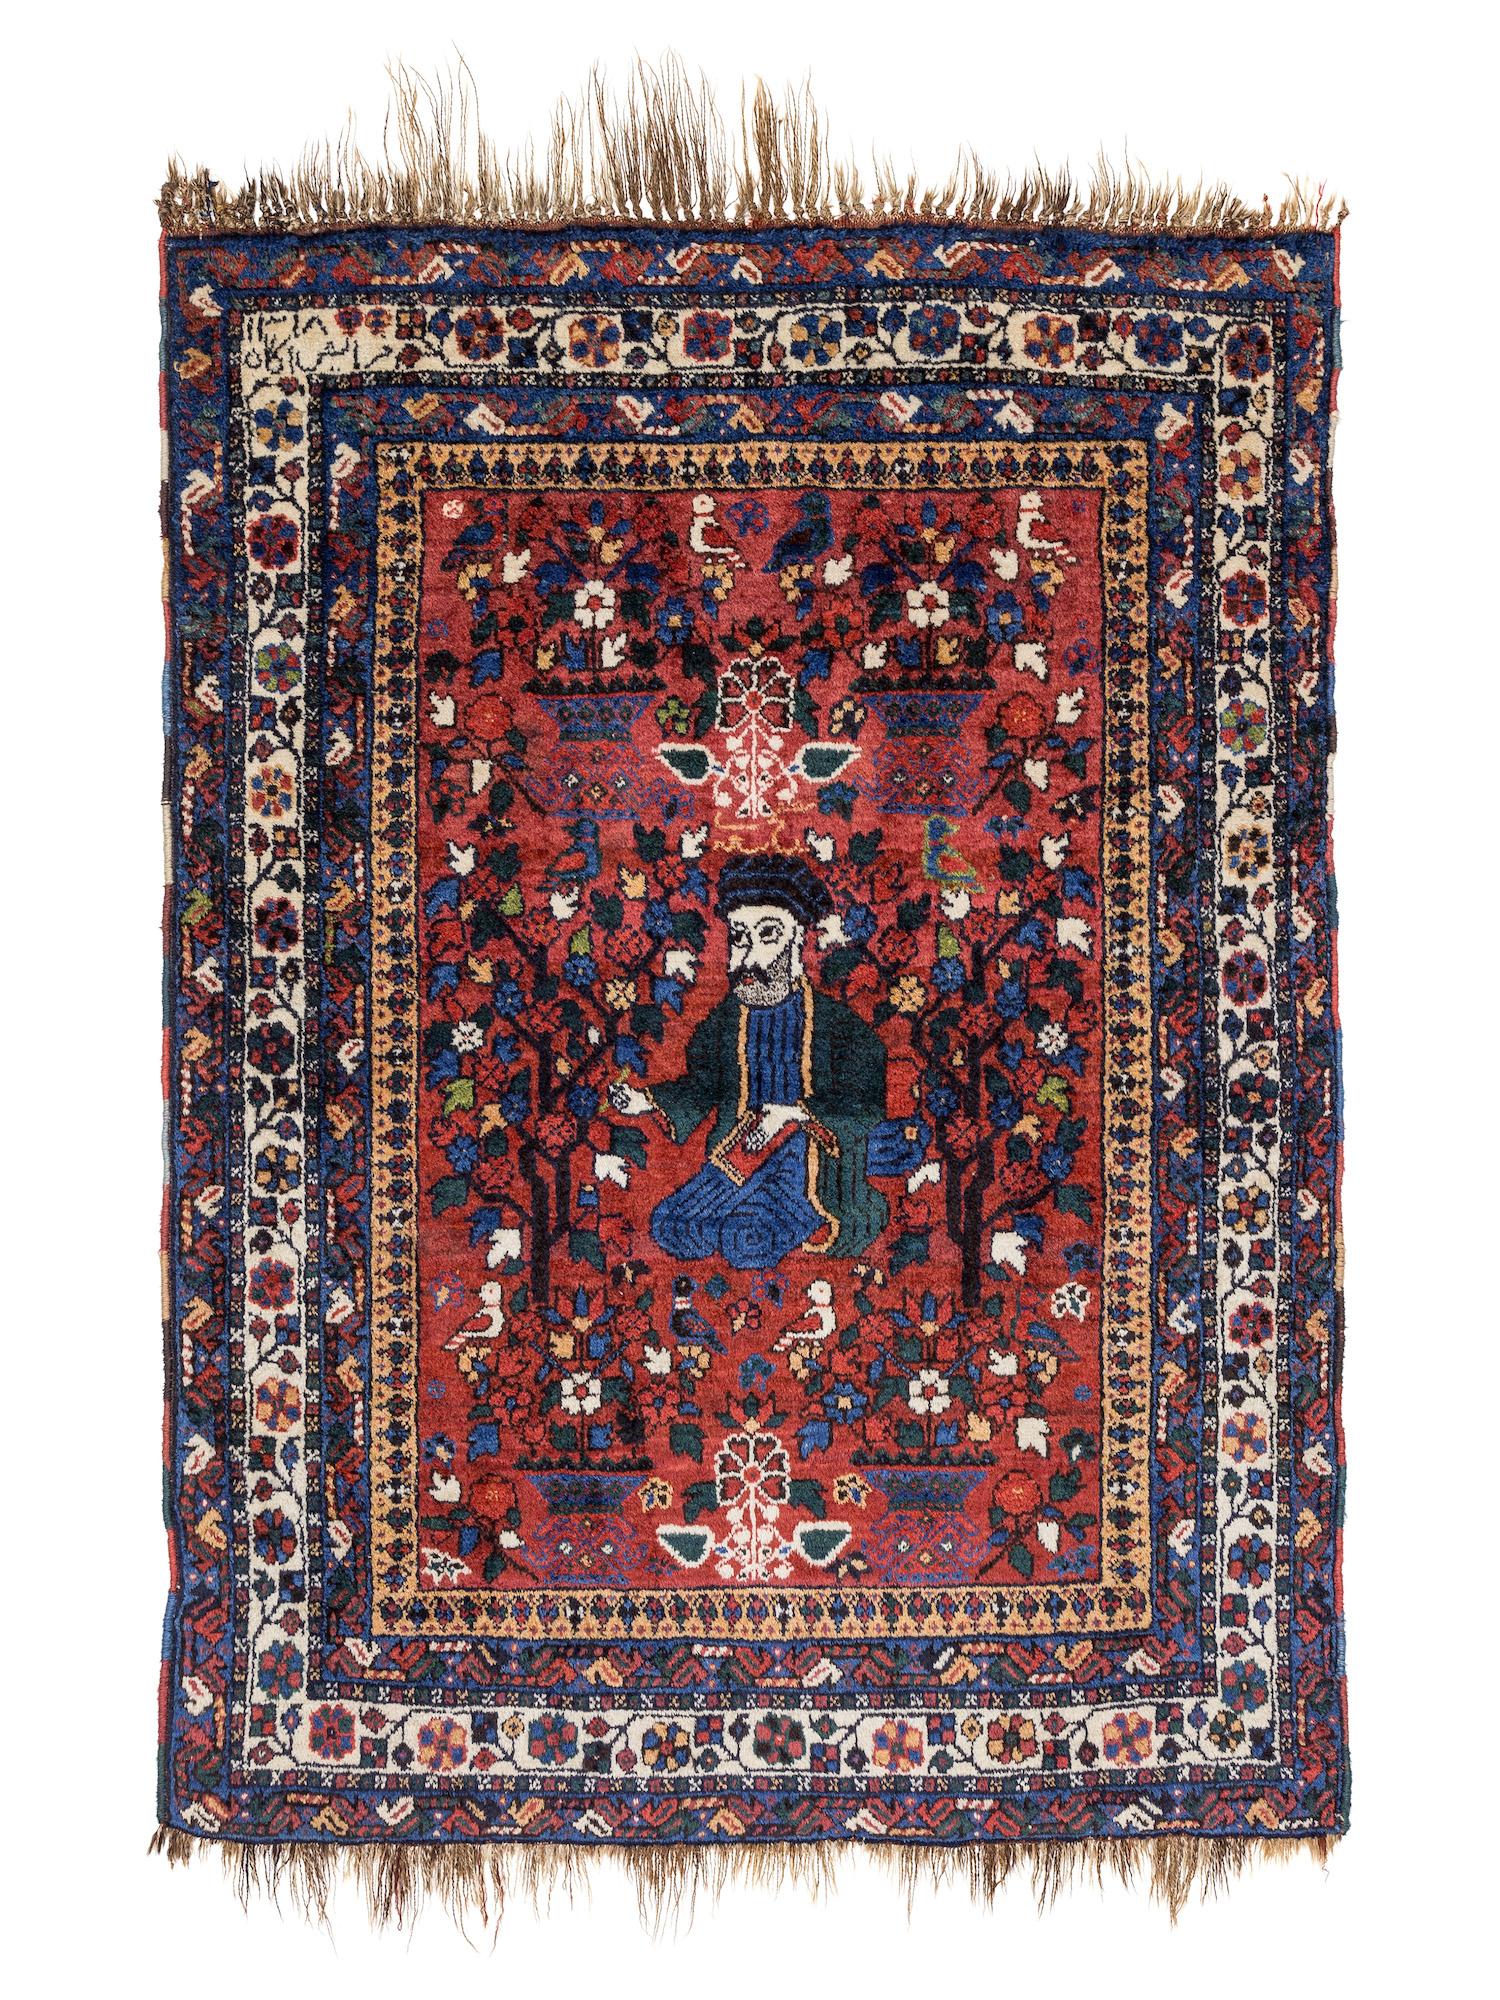 Khamseh pictorial rug